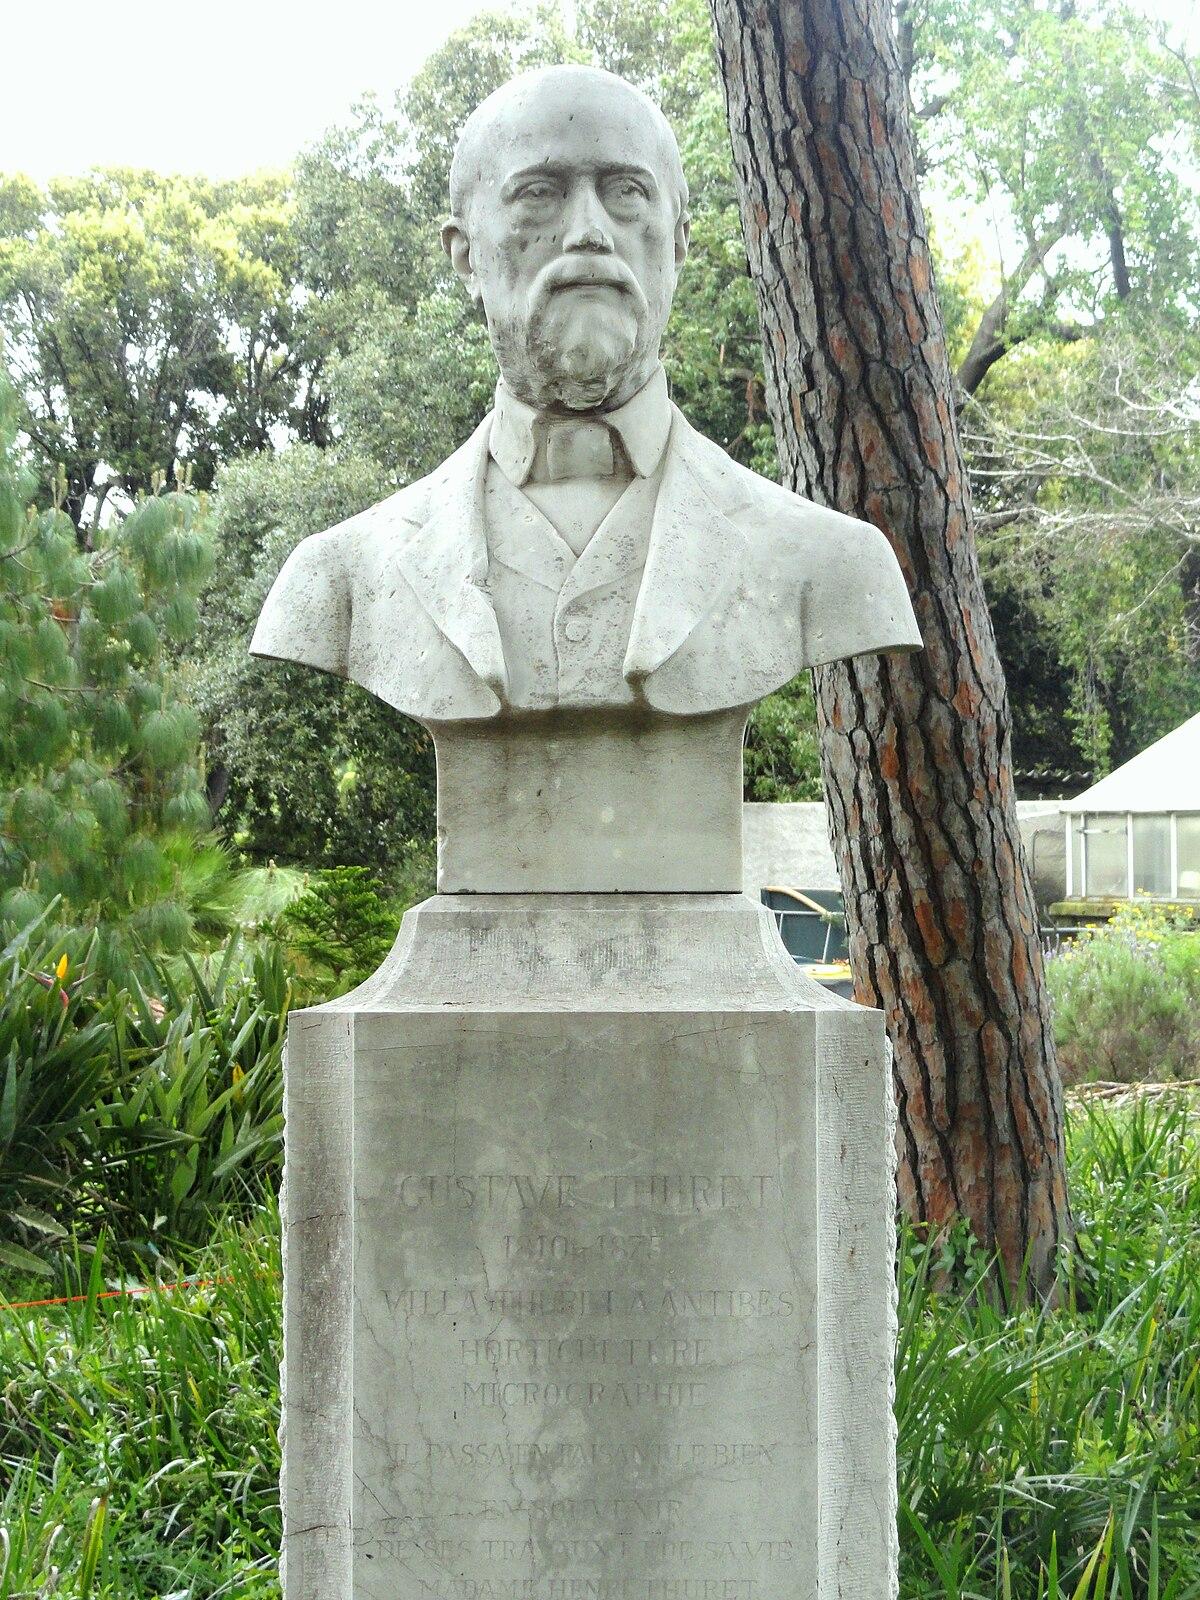 Gustave thuret wikipedia for Jardin villa thuret